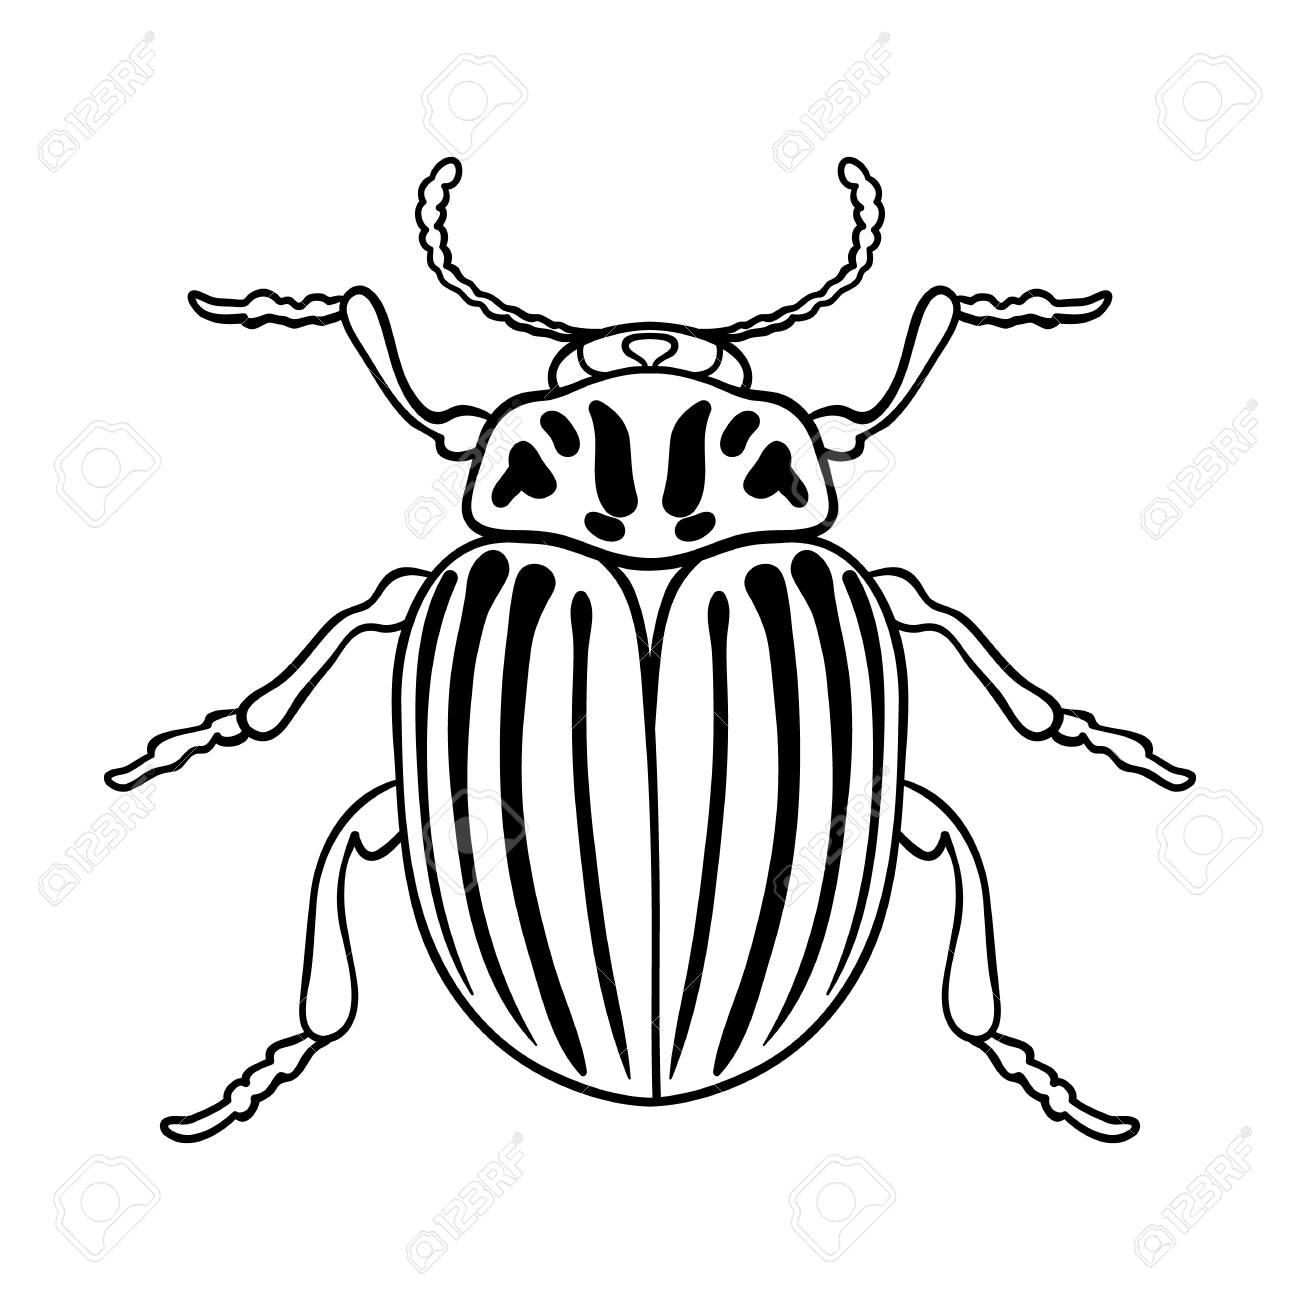 Icono De Escarabajo De La Patata En El Esquema De Diseño Aislado ...